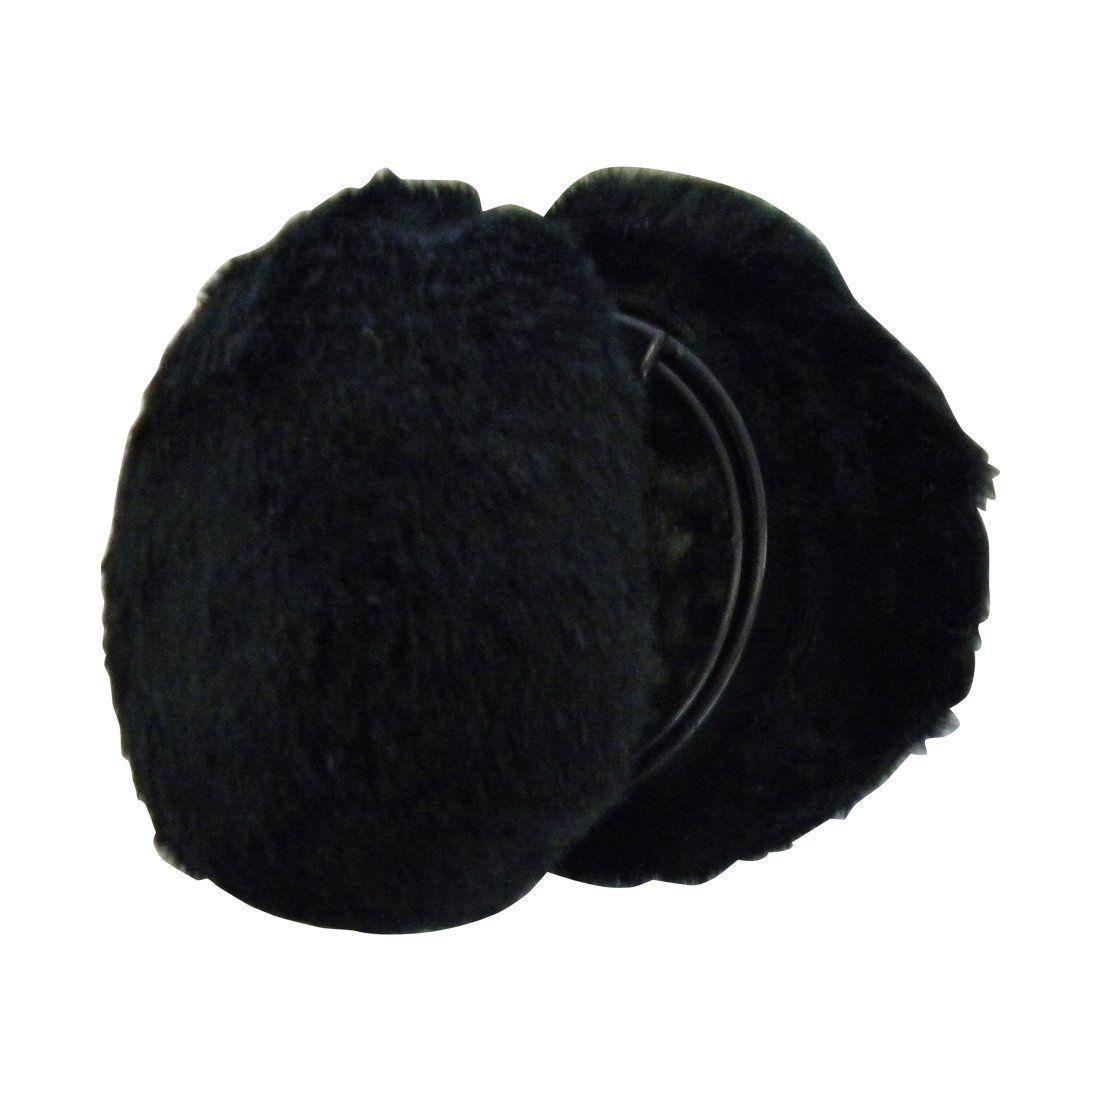 7ec55469fd8 Black Solid Colors Ear Muffs Folding Earmuffs Ear Warmers